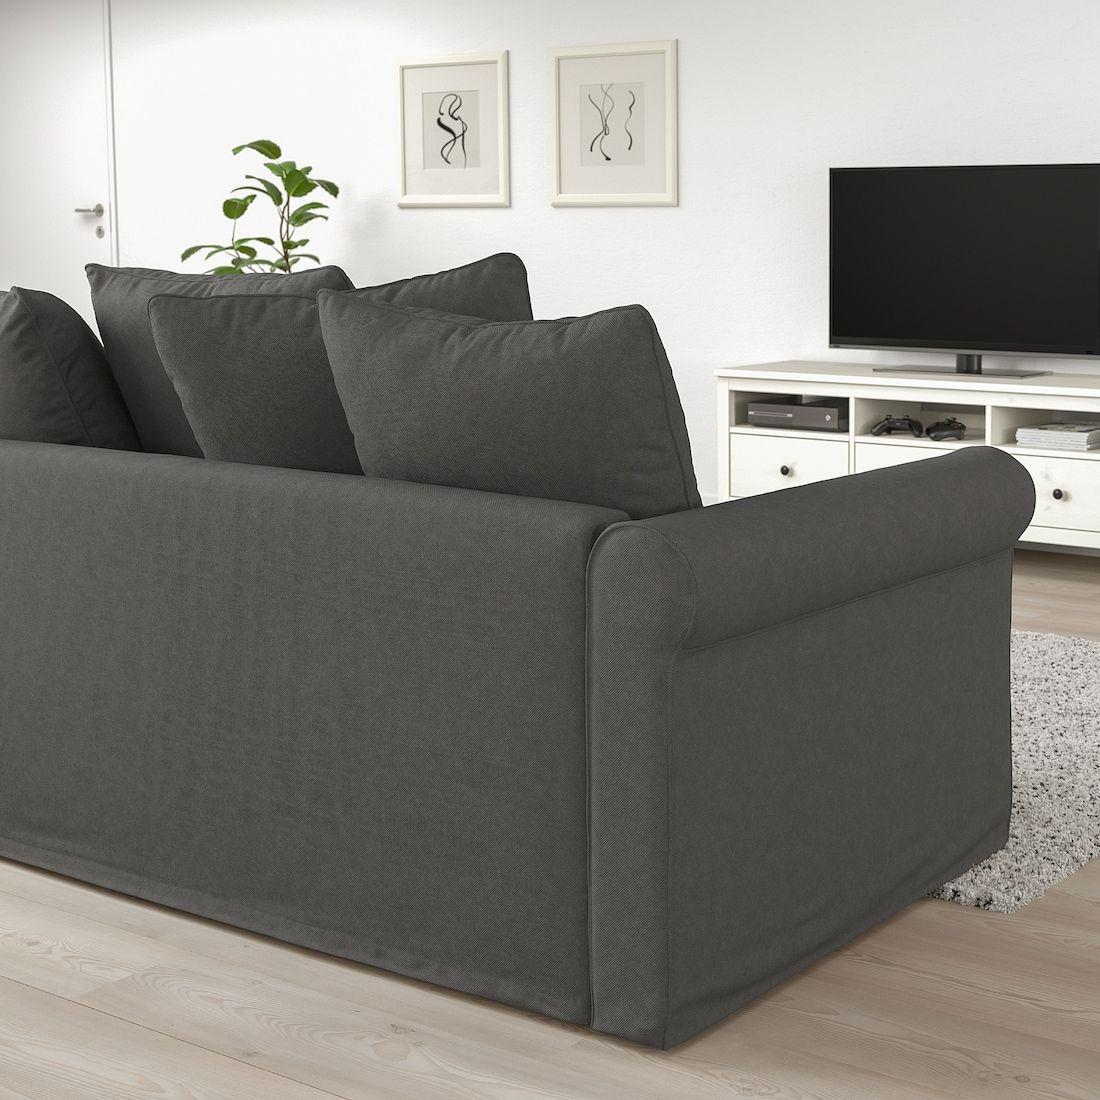 HÄrlanda Sleeper Sofa Ljungen Medium Gray Bed Height 20 7 8